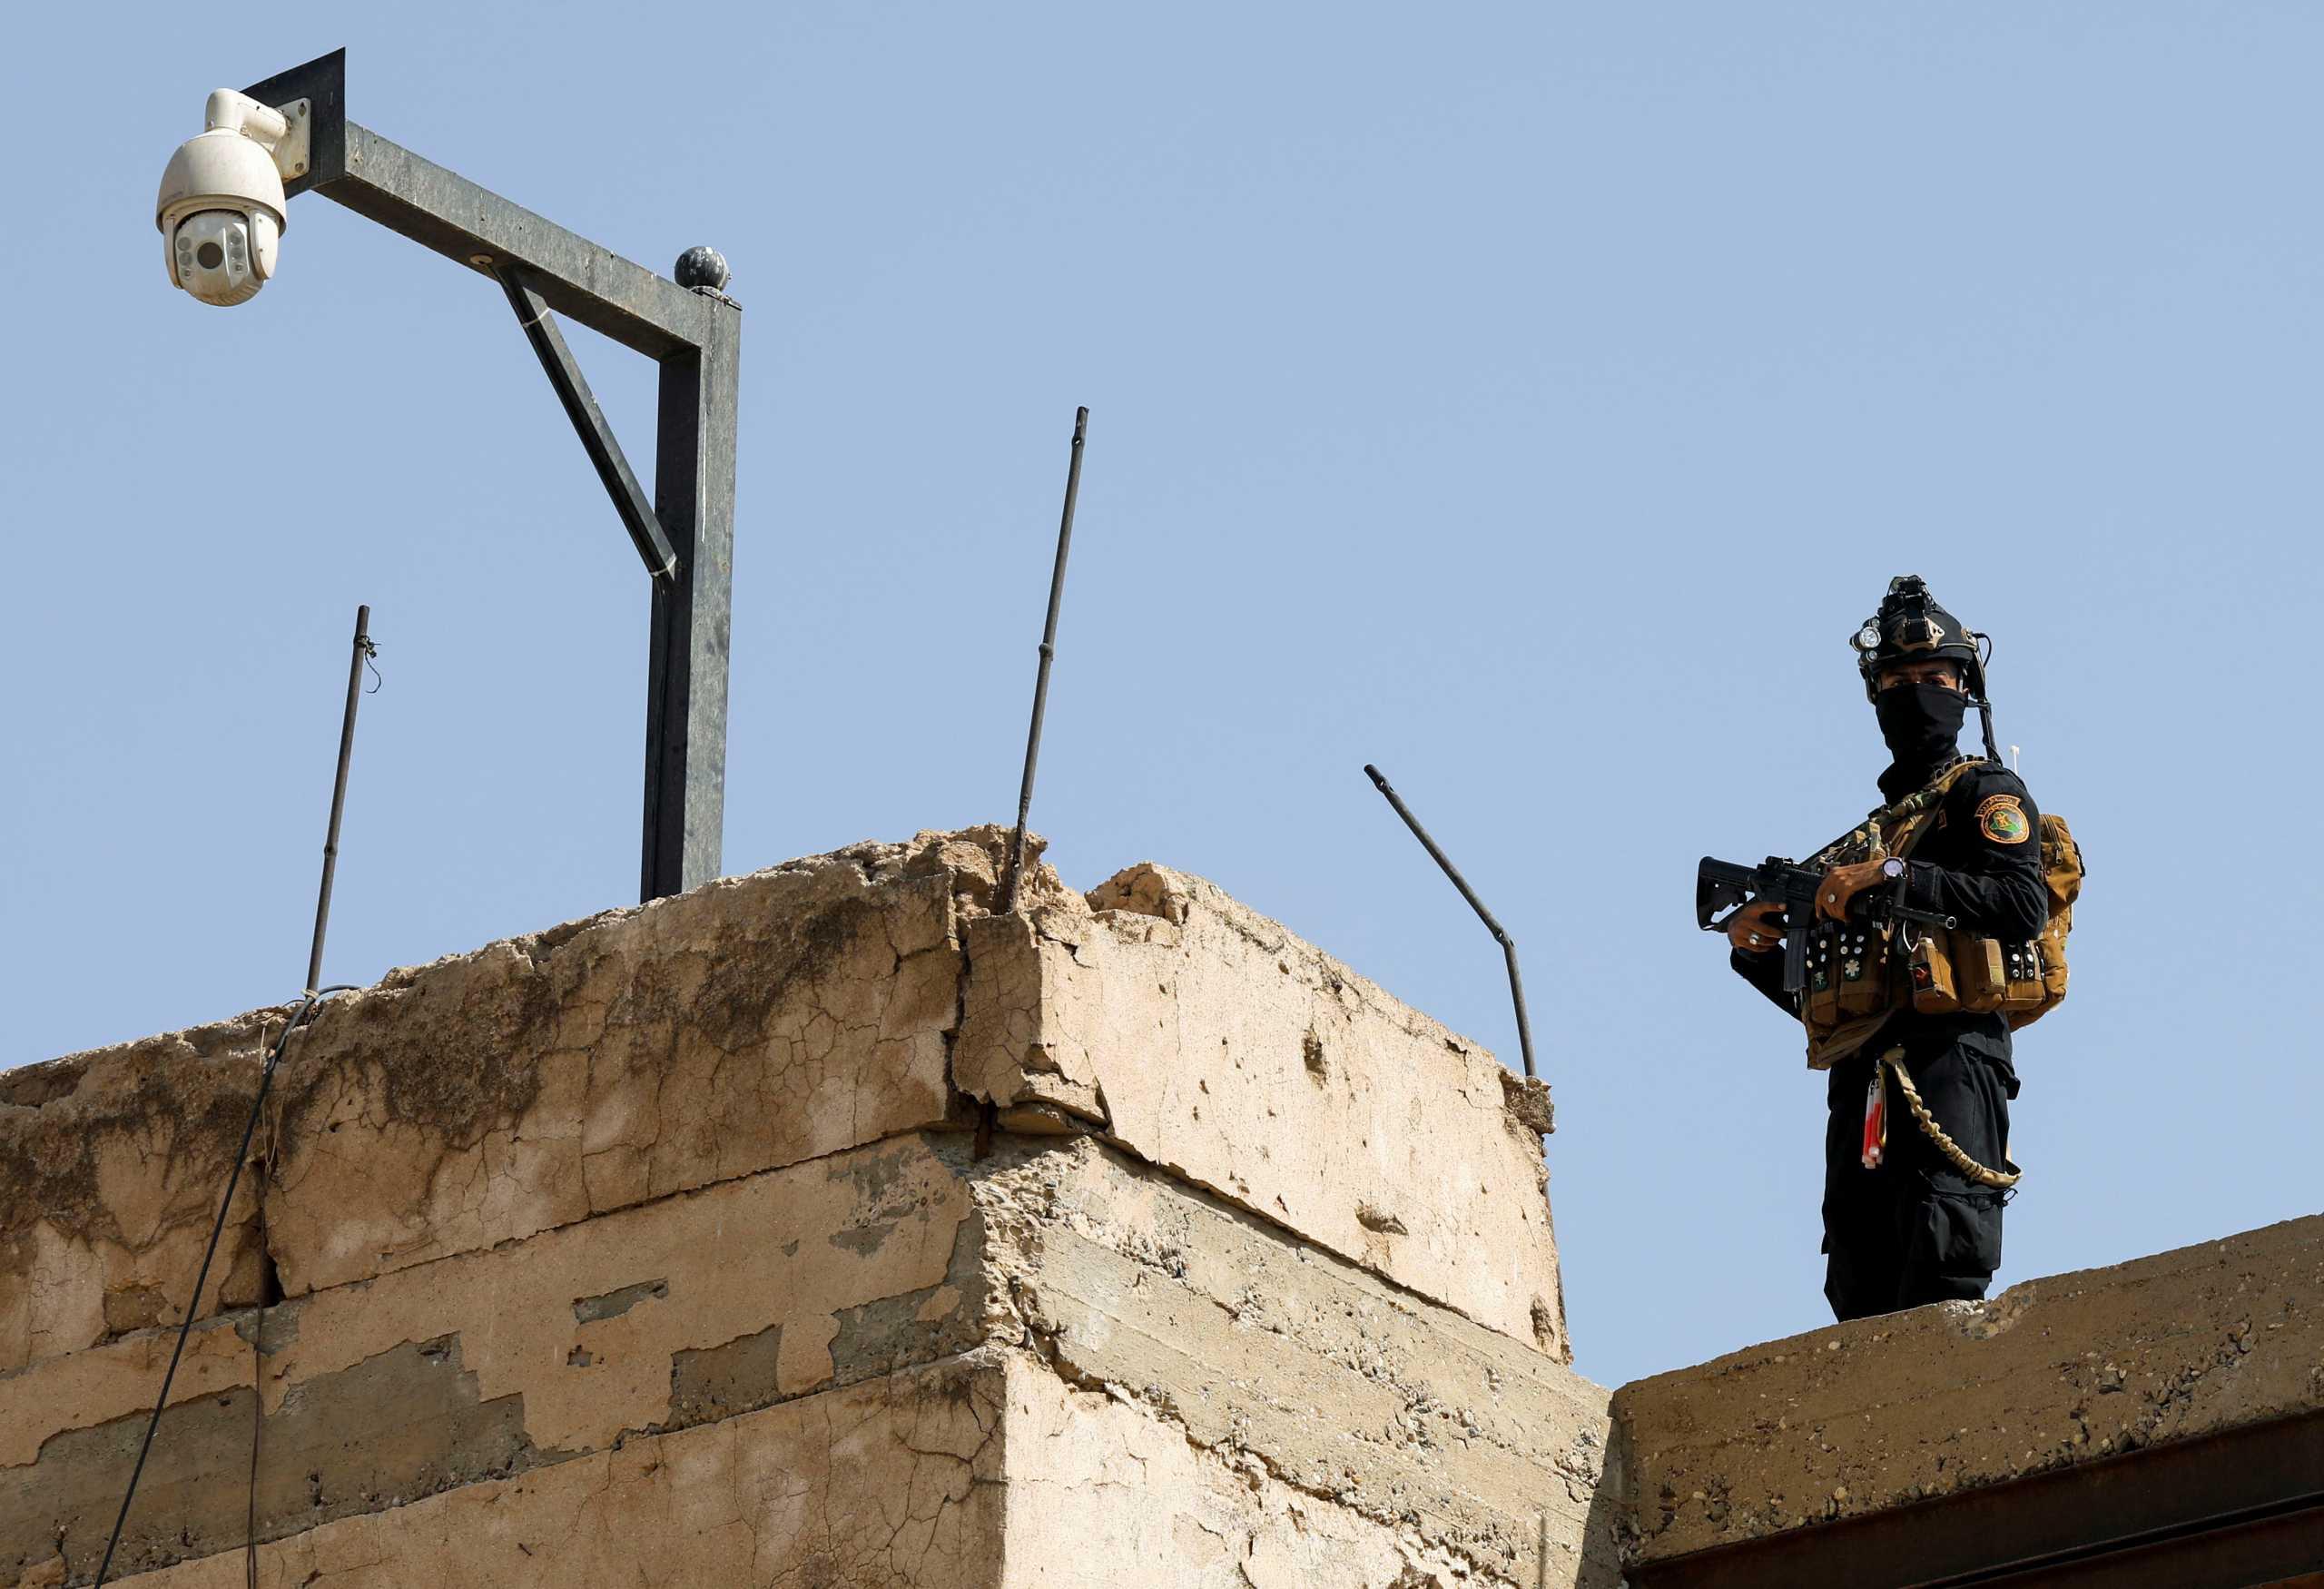 Ιράκ: Δεκατρείς αστυνομικοί σκοτώθηκαν σε επίθεση του Ισλαμικού Κράτους στο Κιρκούκ